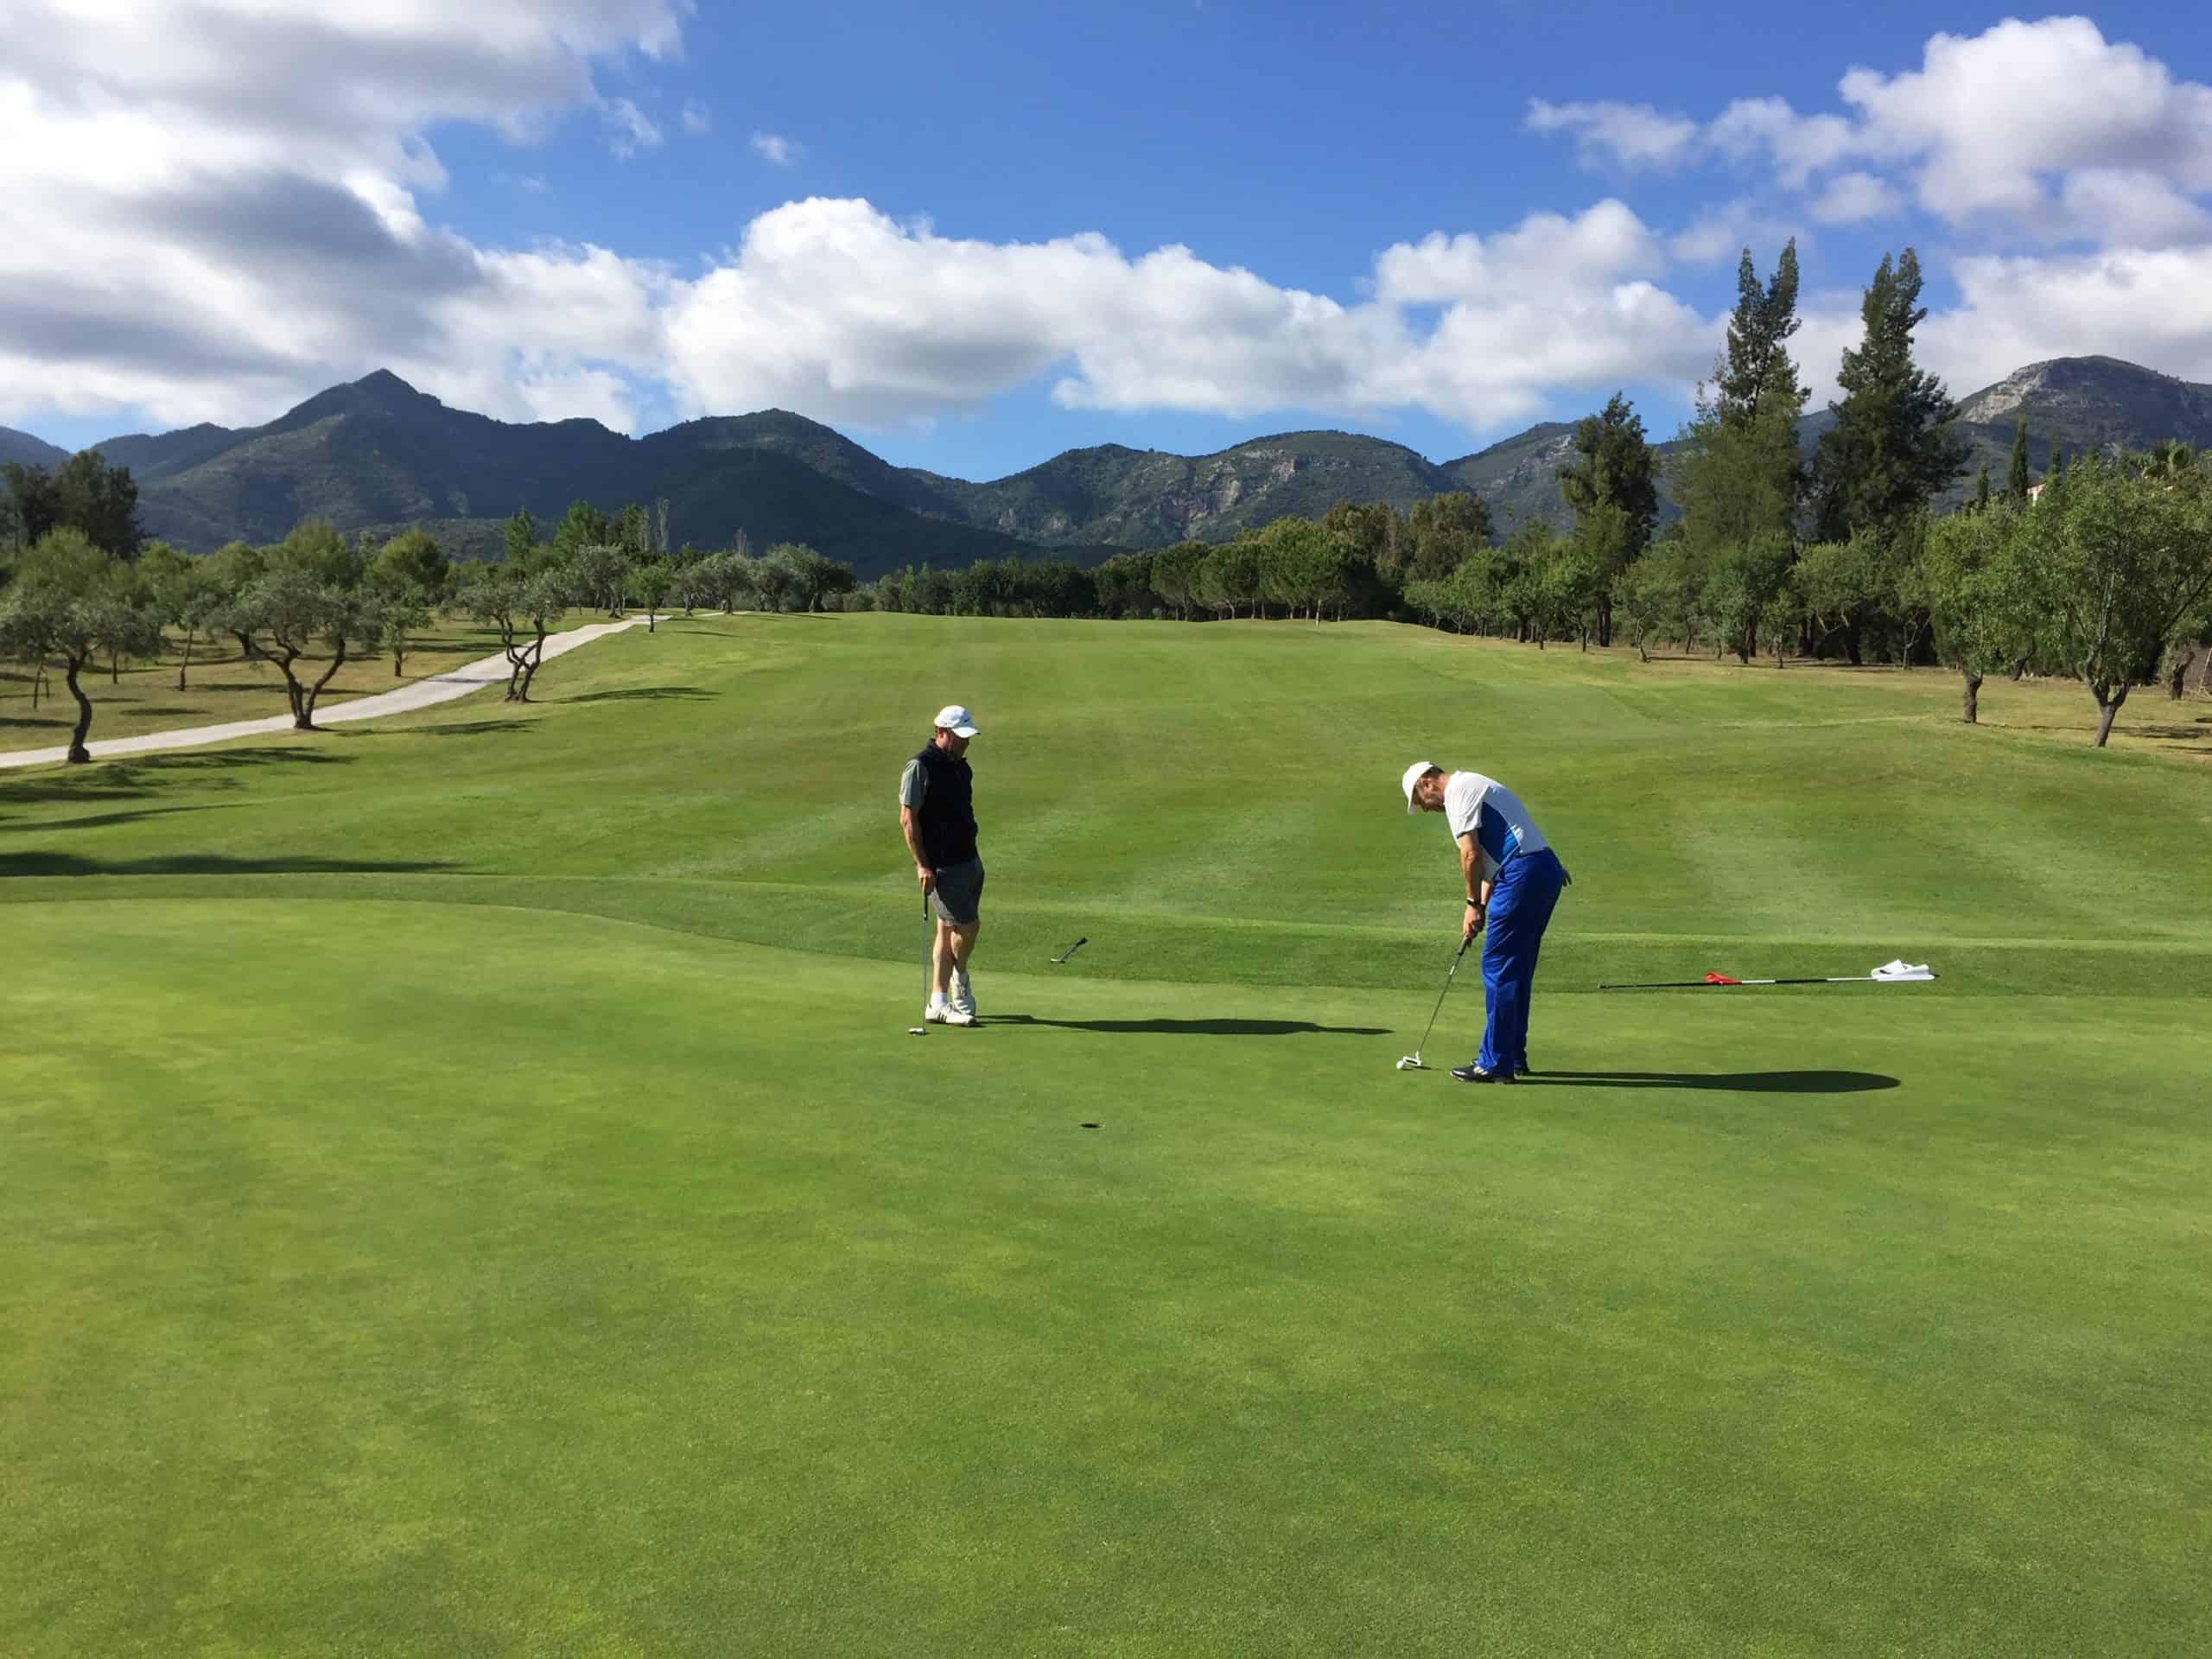 Jugadores pateando en el hoyo 6 de Lauro Golf Resort (Málaga)